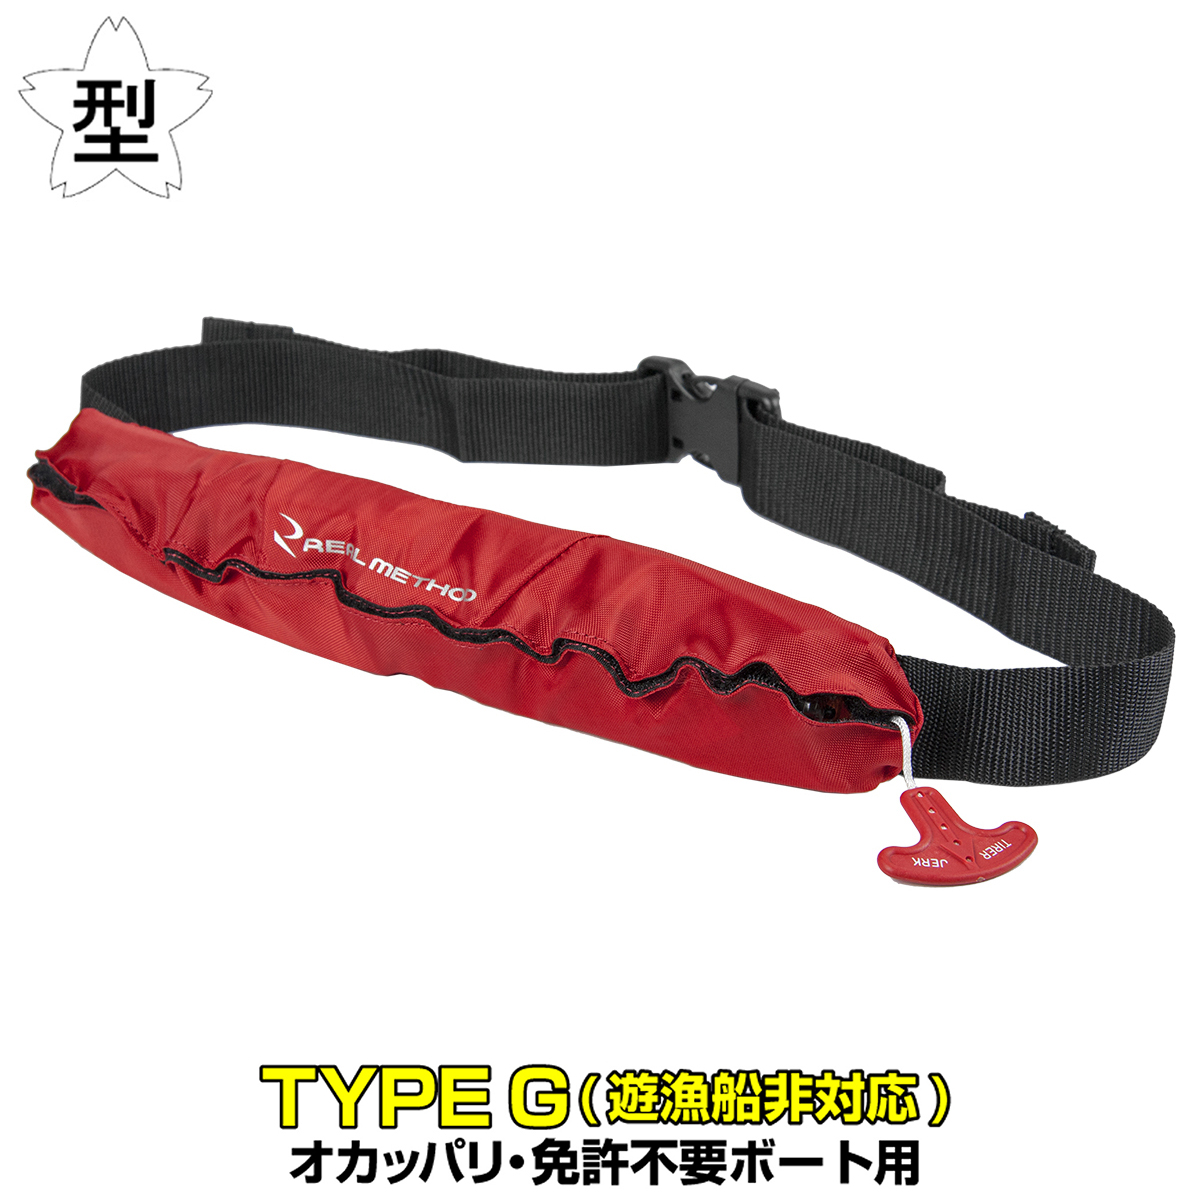 軽量自動膨張式ライフジャケット ウエストベルトタイプ RM-9220 レッド ※遊漁船非対応 タカミヤ REAL METHOD【同梱不可】